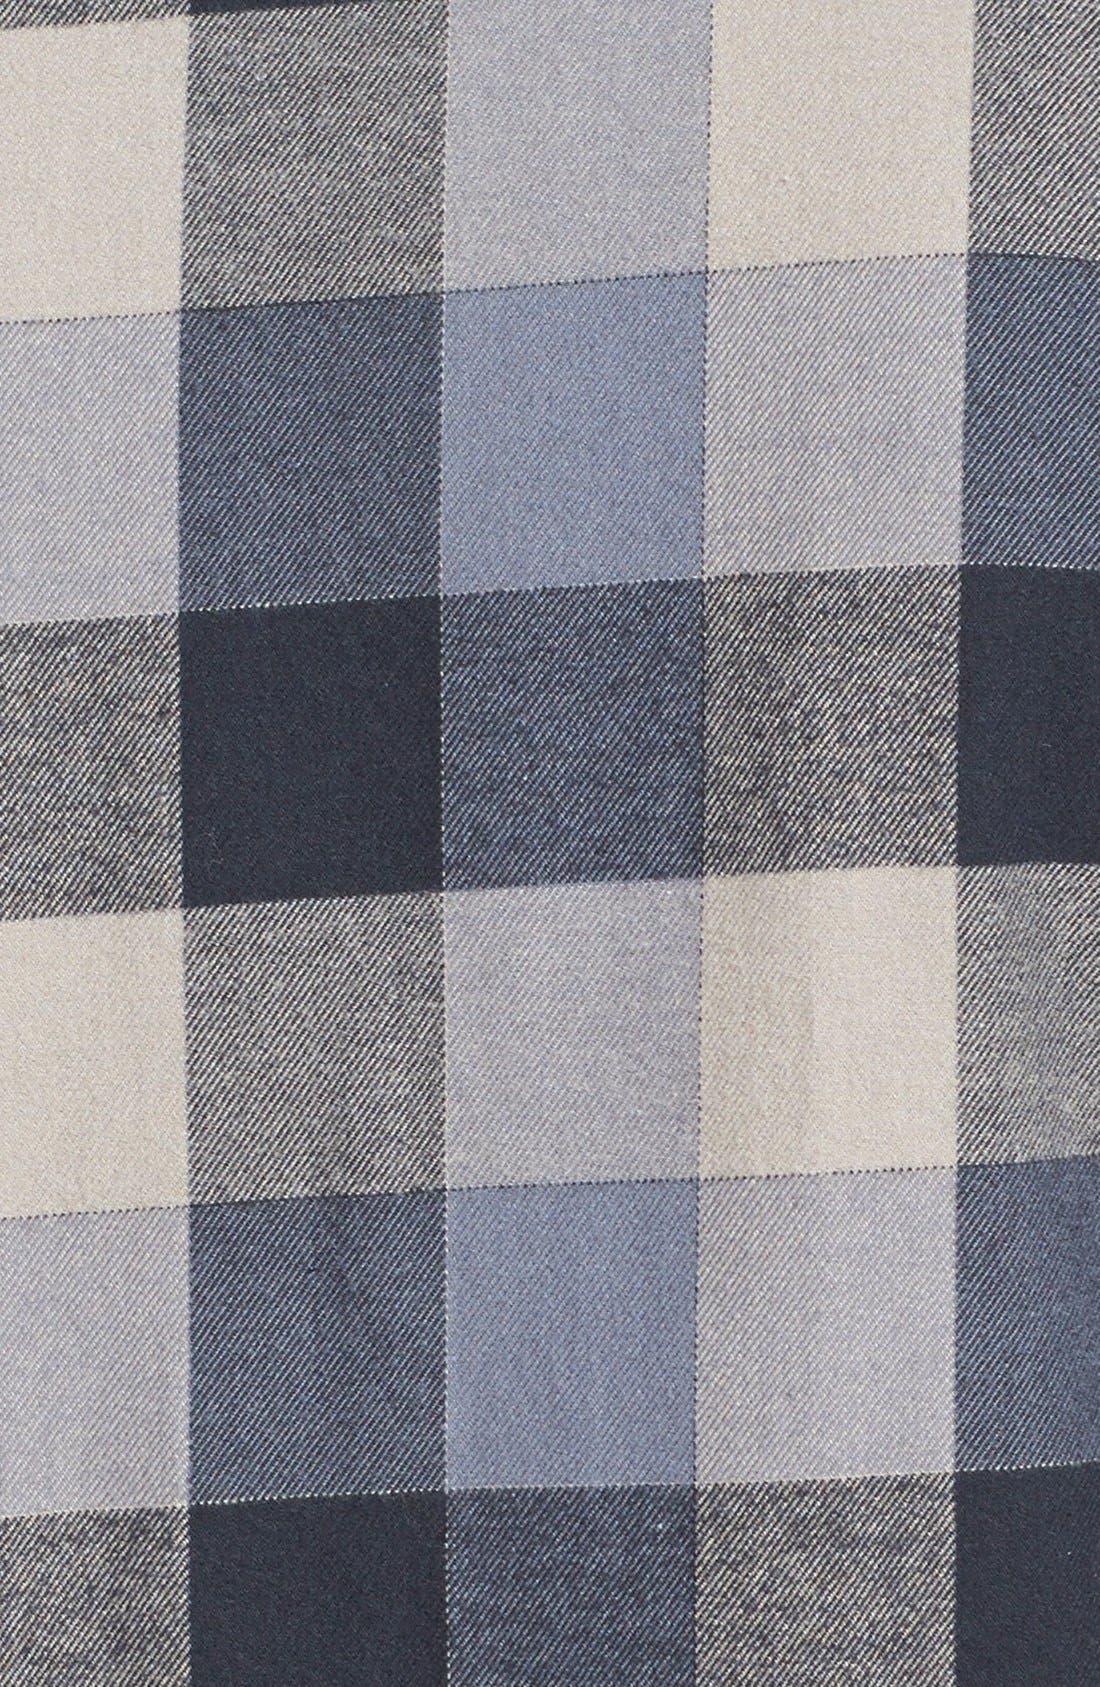 Quiksilver 'Aikens Lake' Flannel Shirt,                             Alternate thumbnail 2, color,                             002